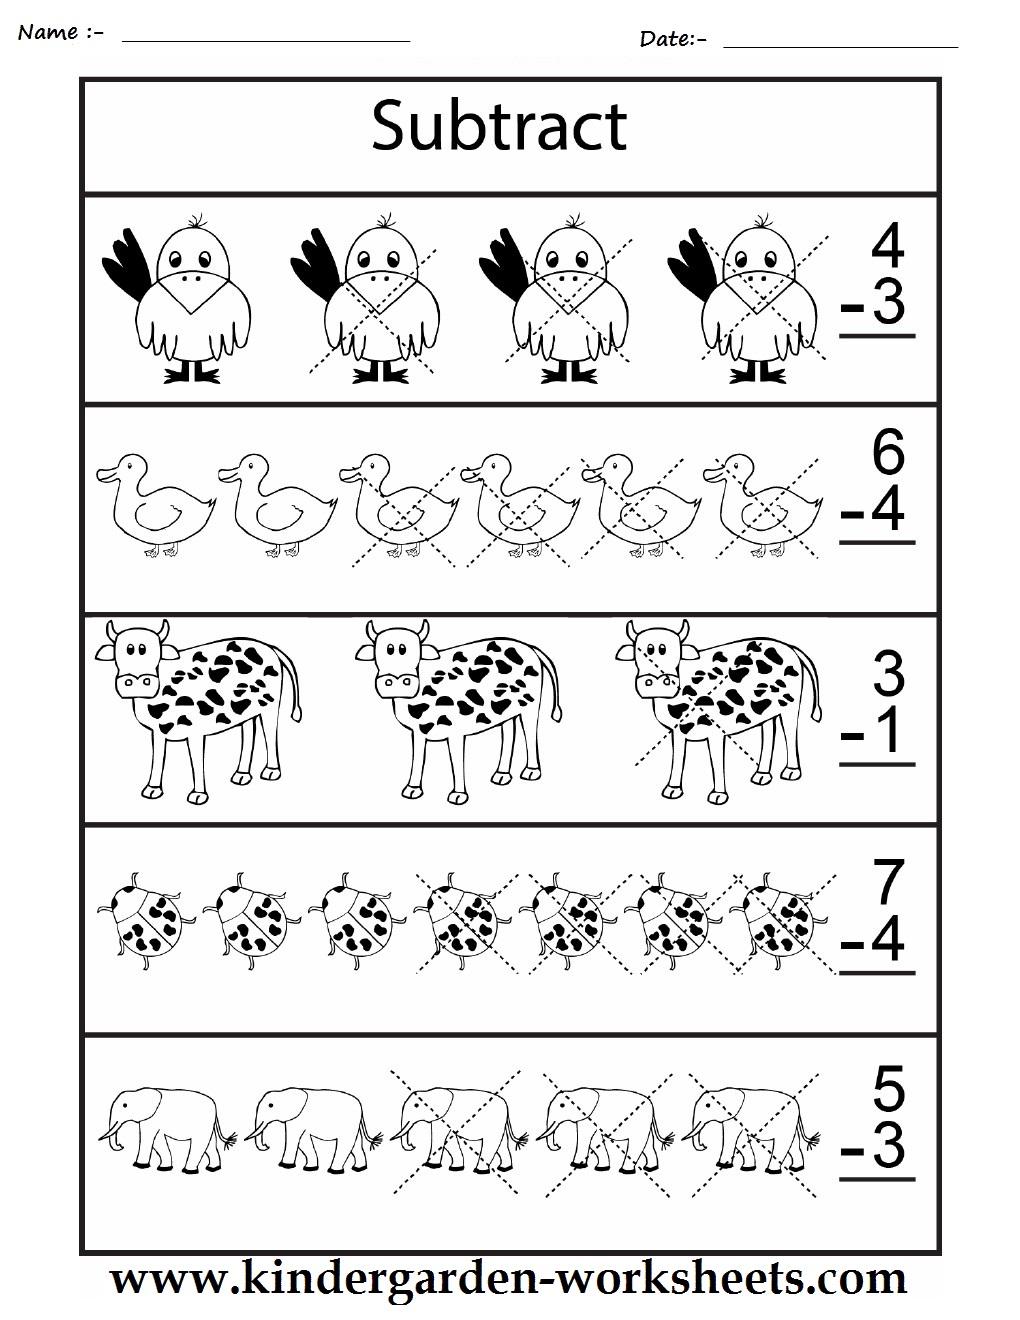 kindergarten worksheets maths worksheets subtraction worksheets. Black Bedroom Furniture Sets. Home Design Ideas